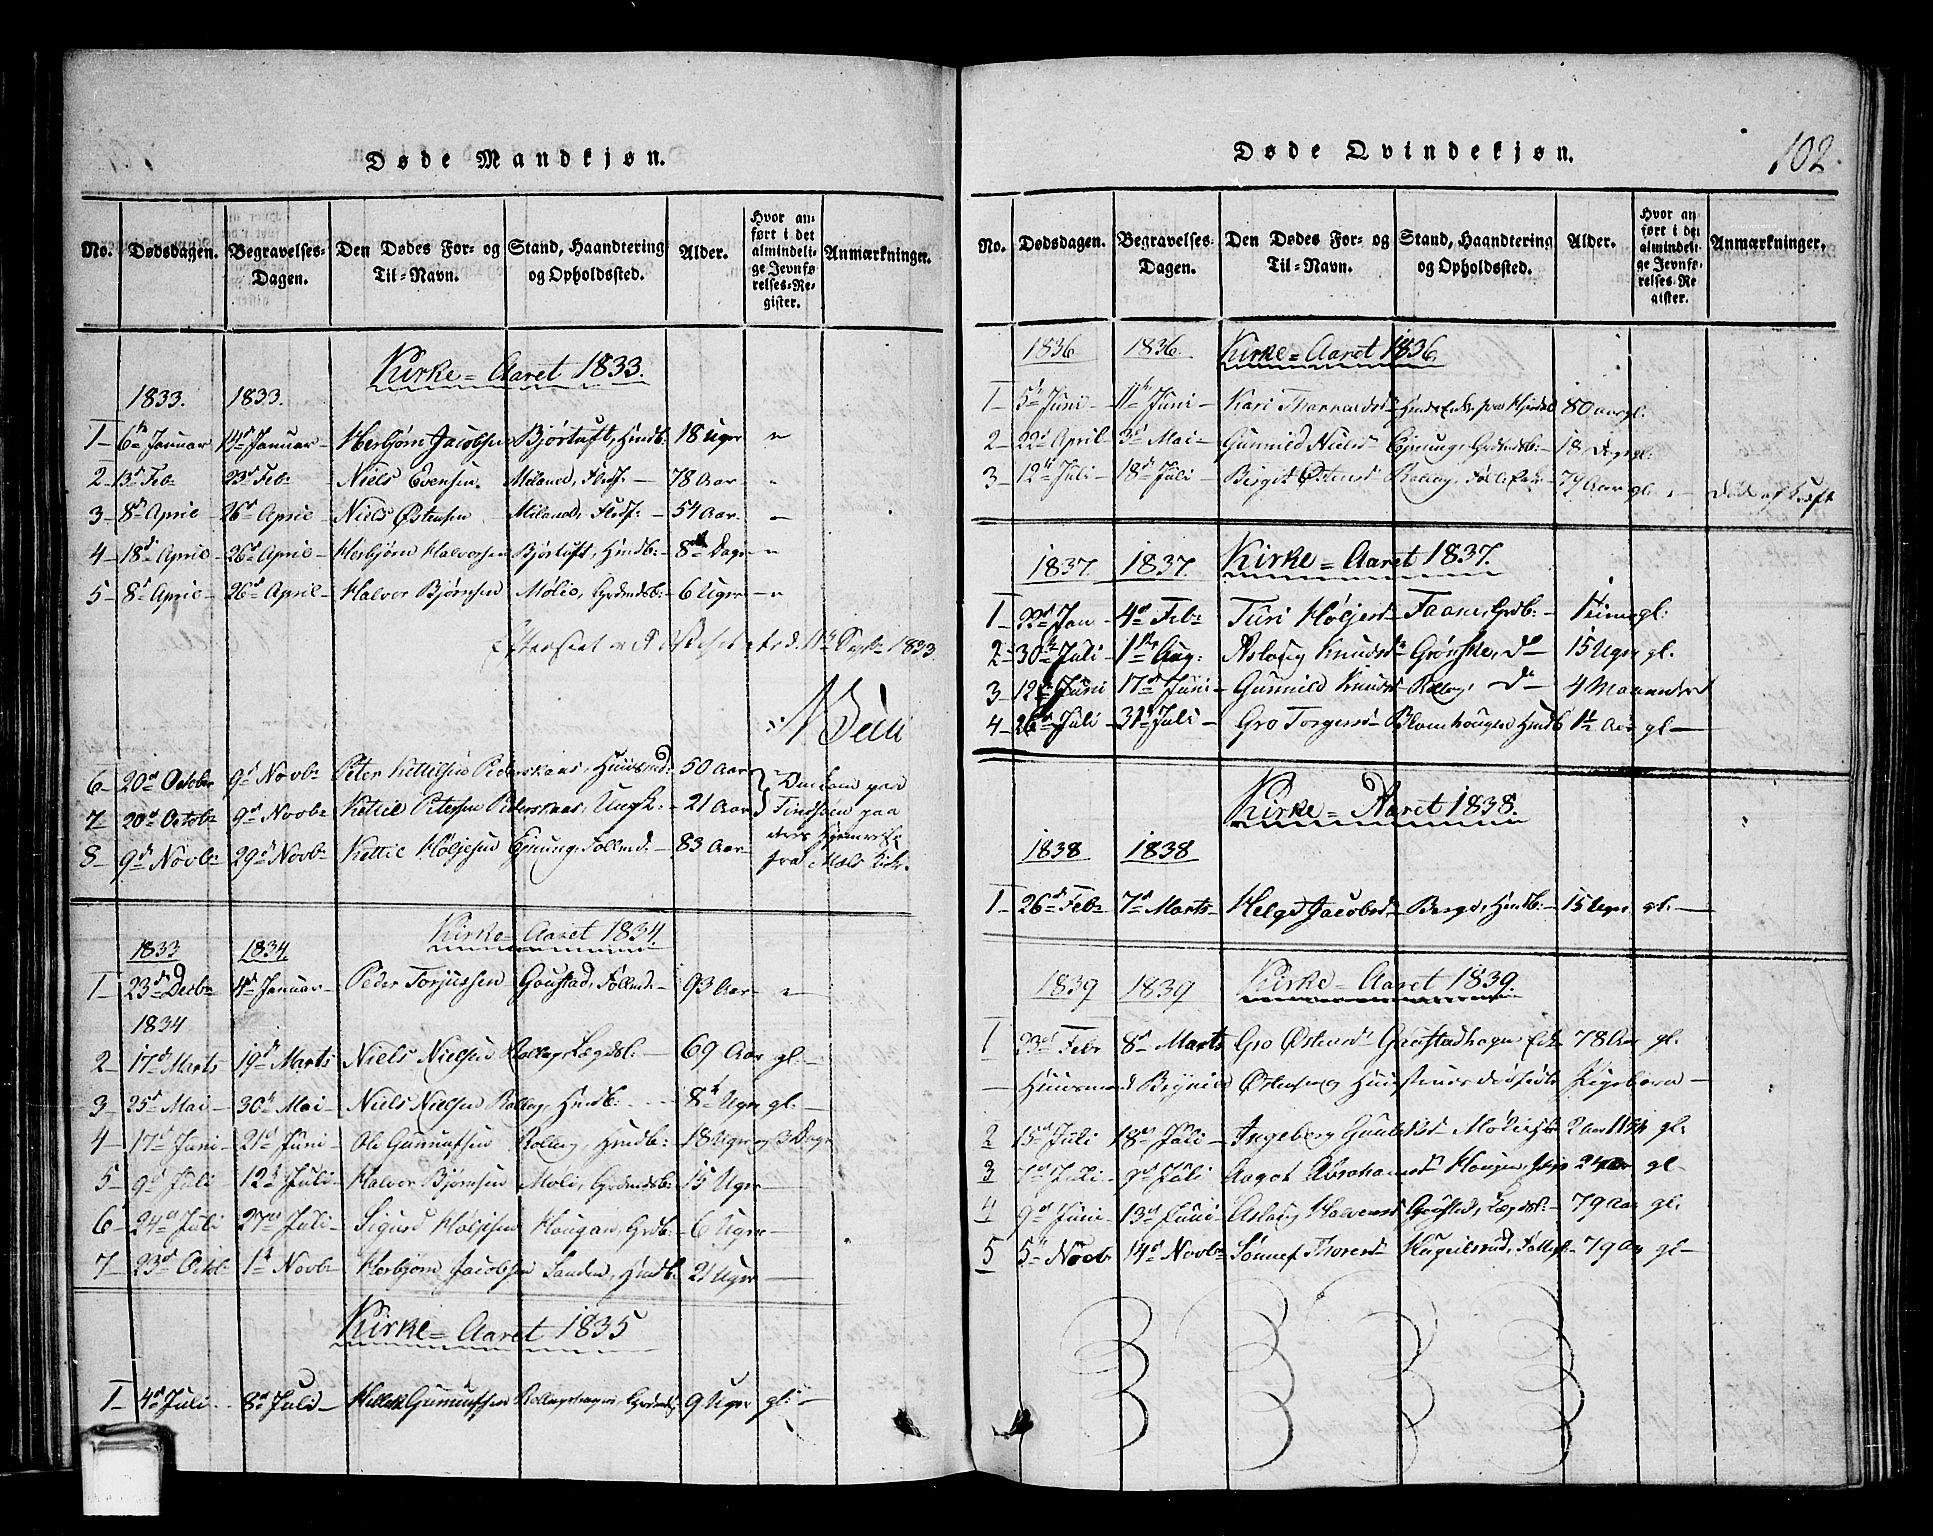 SAKO, Tinn kirkebøker, G/Gb/L0001: Klokkerbok nr. II 1 /1, 1815-1850, s. 102